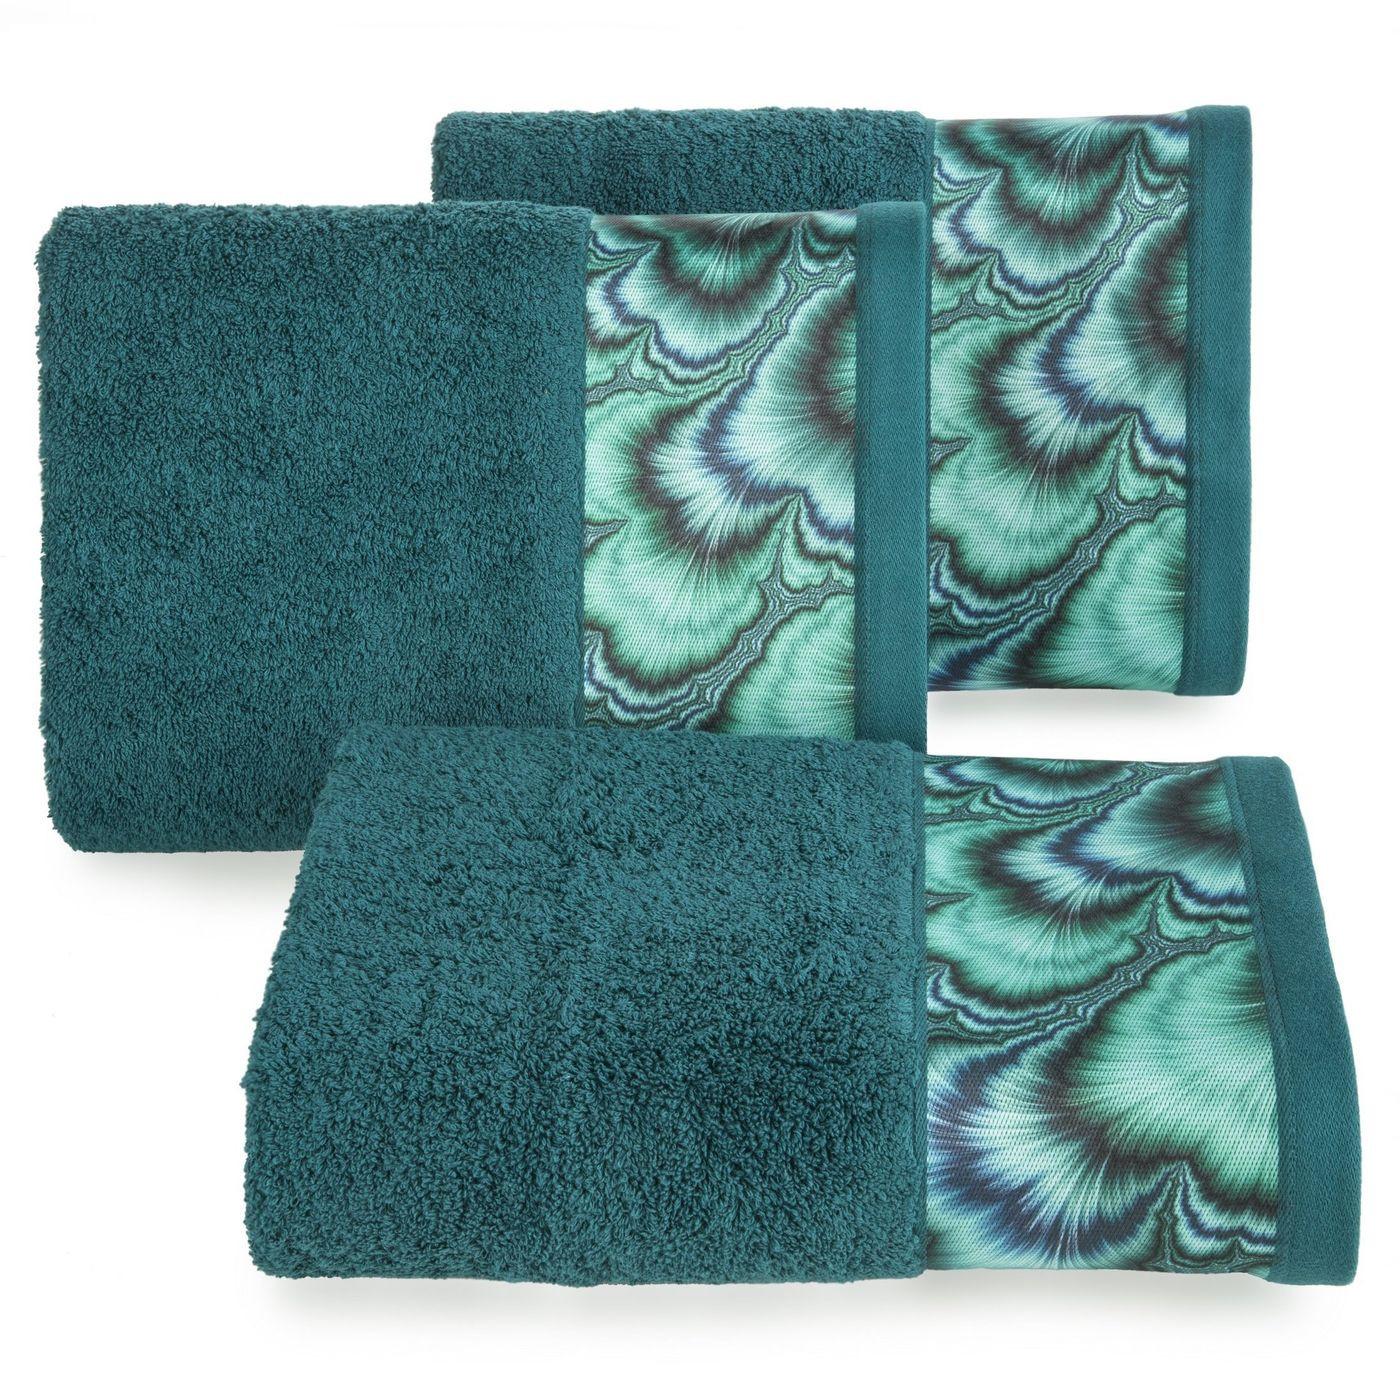 Turkusowy ręcznik kąpielowy - mój wybór Eva Minge 70x140 cm